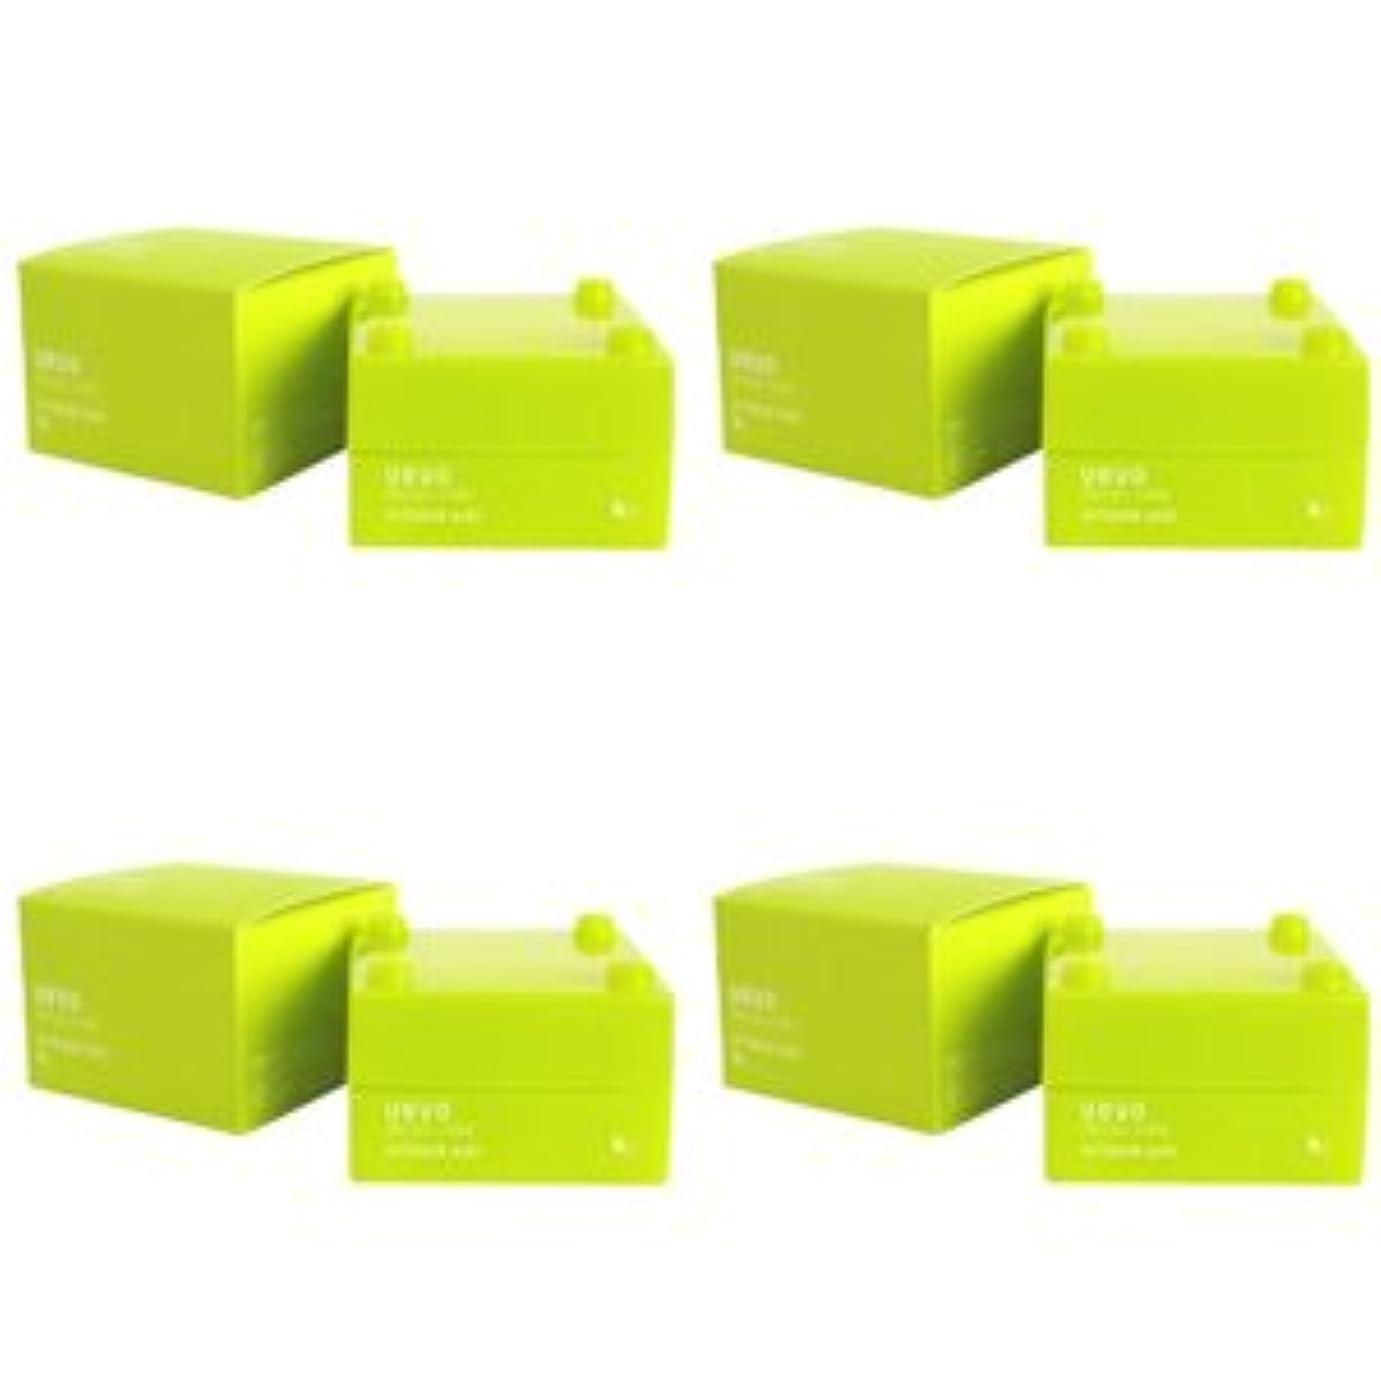 速記地獄警官【X4個セット】 デミ ウェーボ デザインキューブ エアルーズワックス 30g airloose wax DEMI uevo design cube